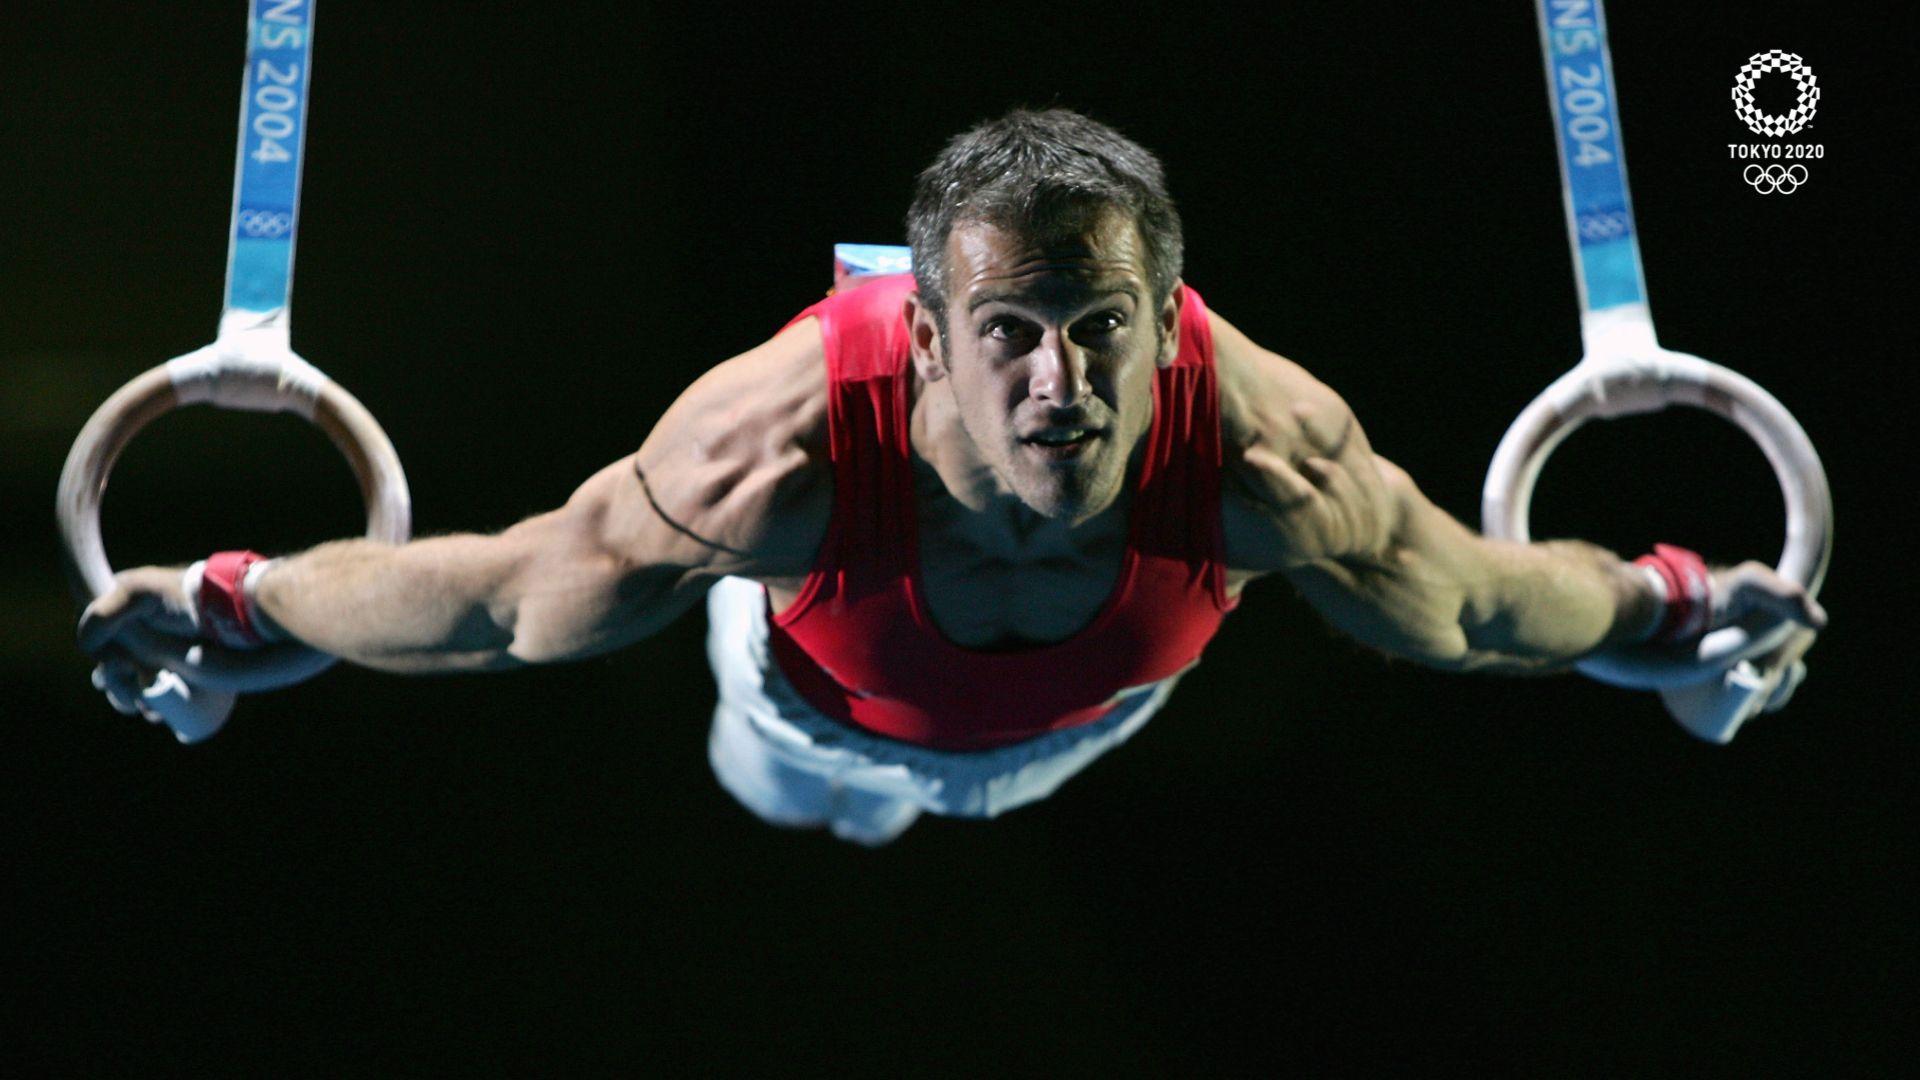 Йордан Йовчев пред Dir.bg: За да стигнеш върха трябва да страдаш, да си малко мазохист